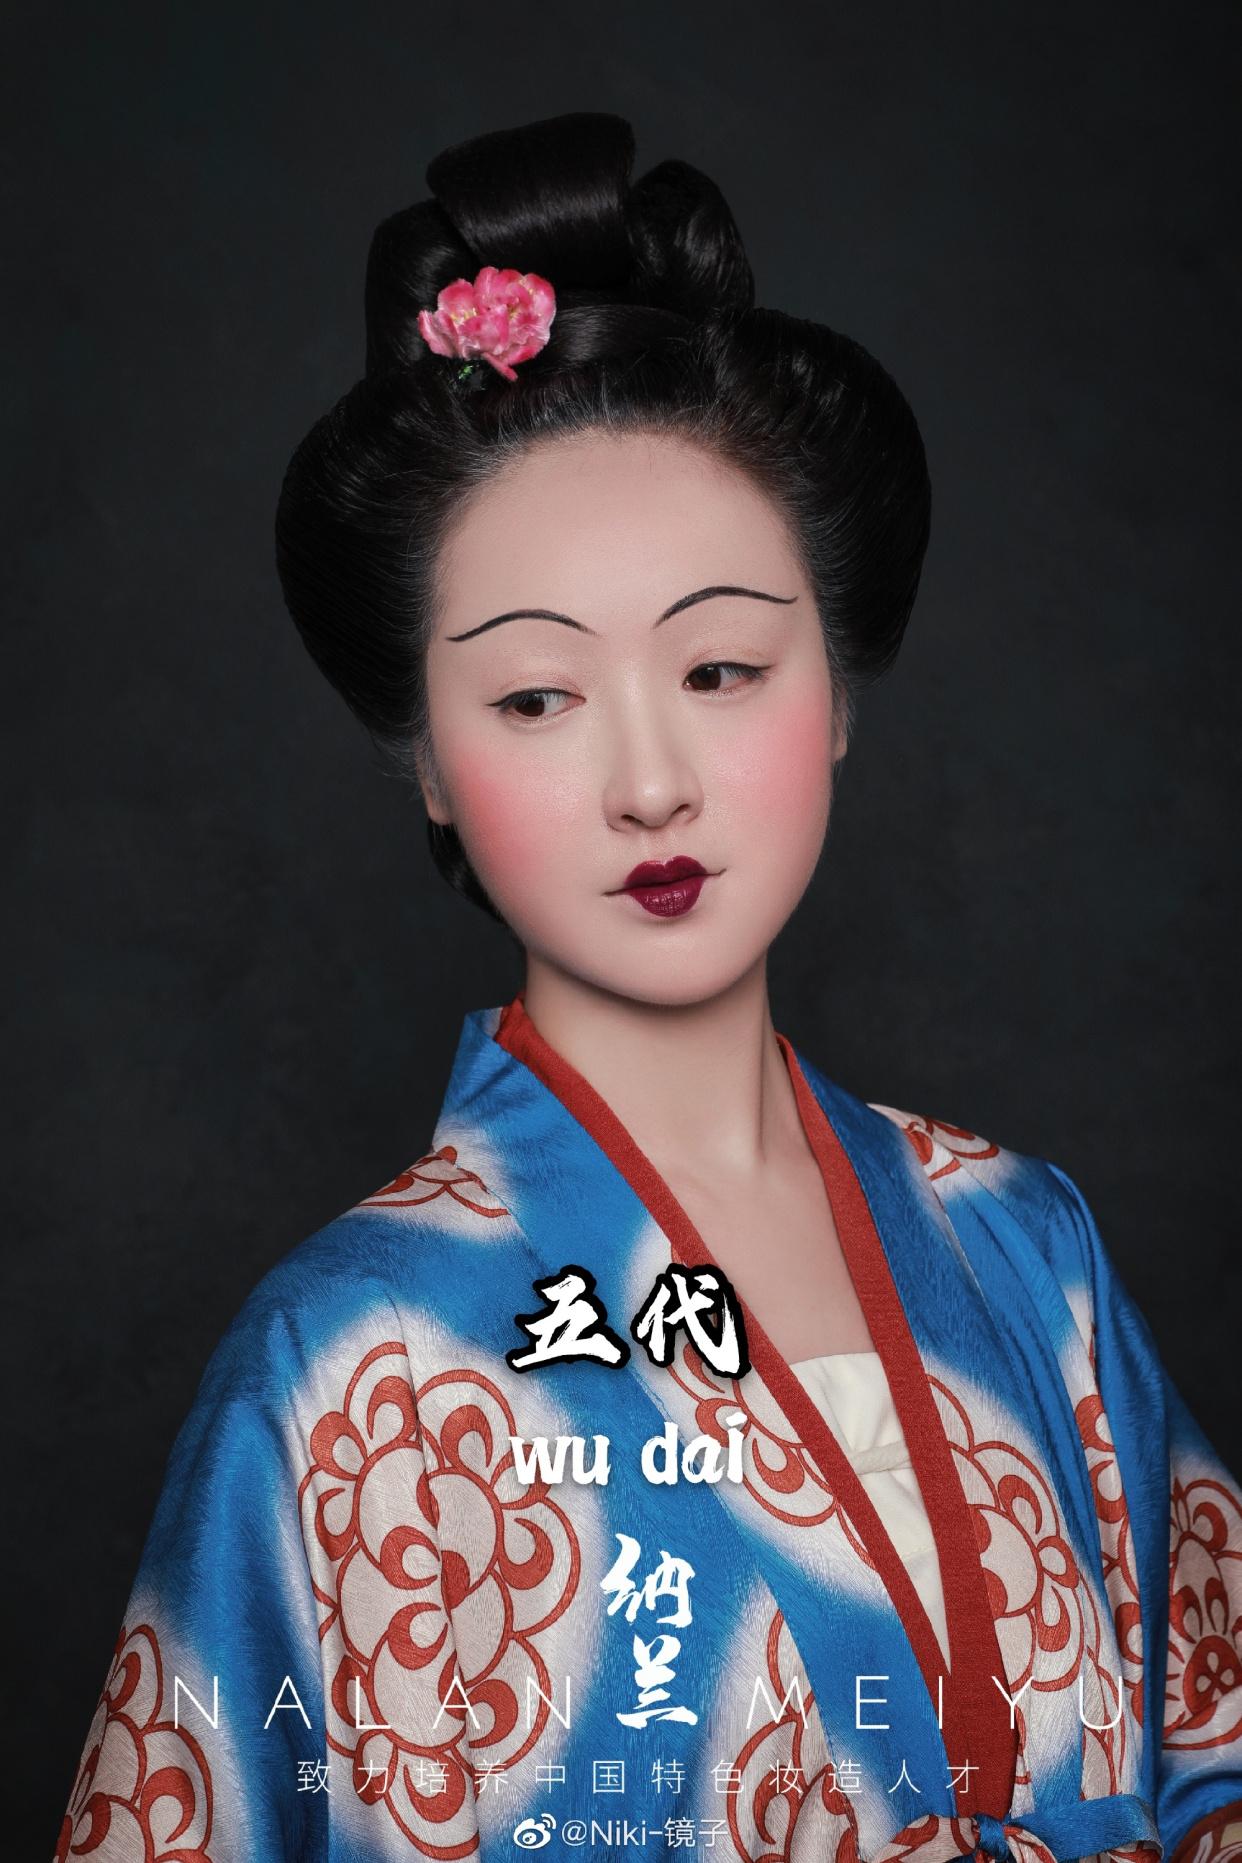 盘点各个朝代的妆容,古代女子化妆后都是什么样子?看了就知道